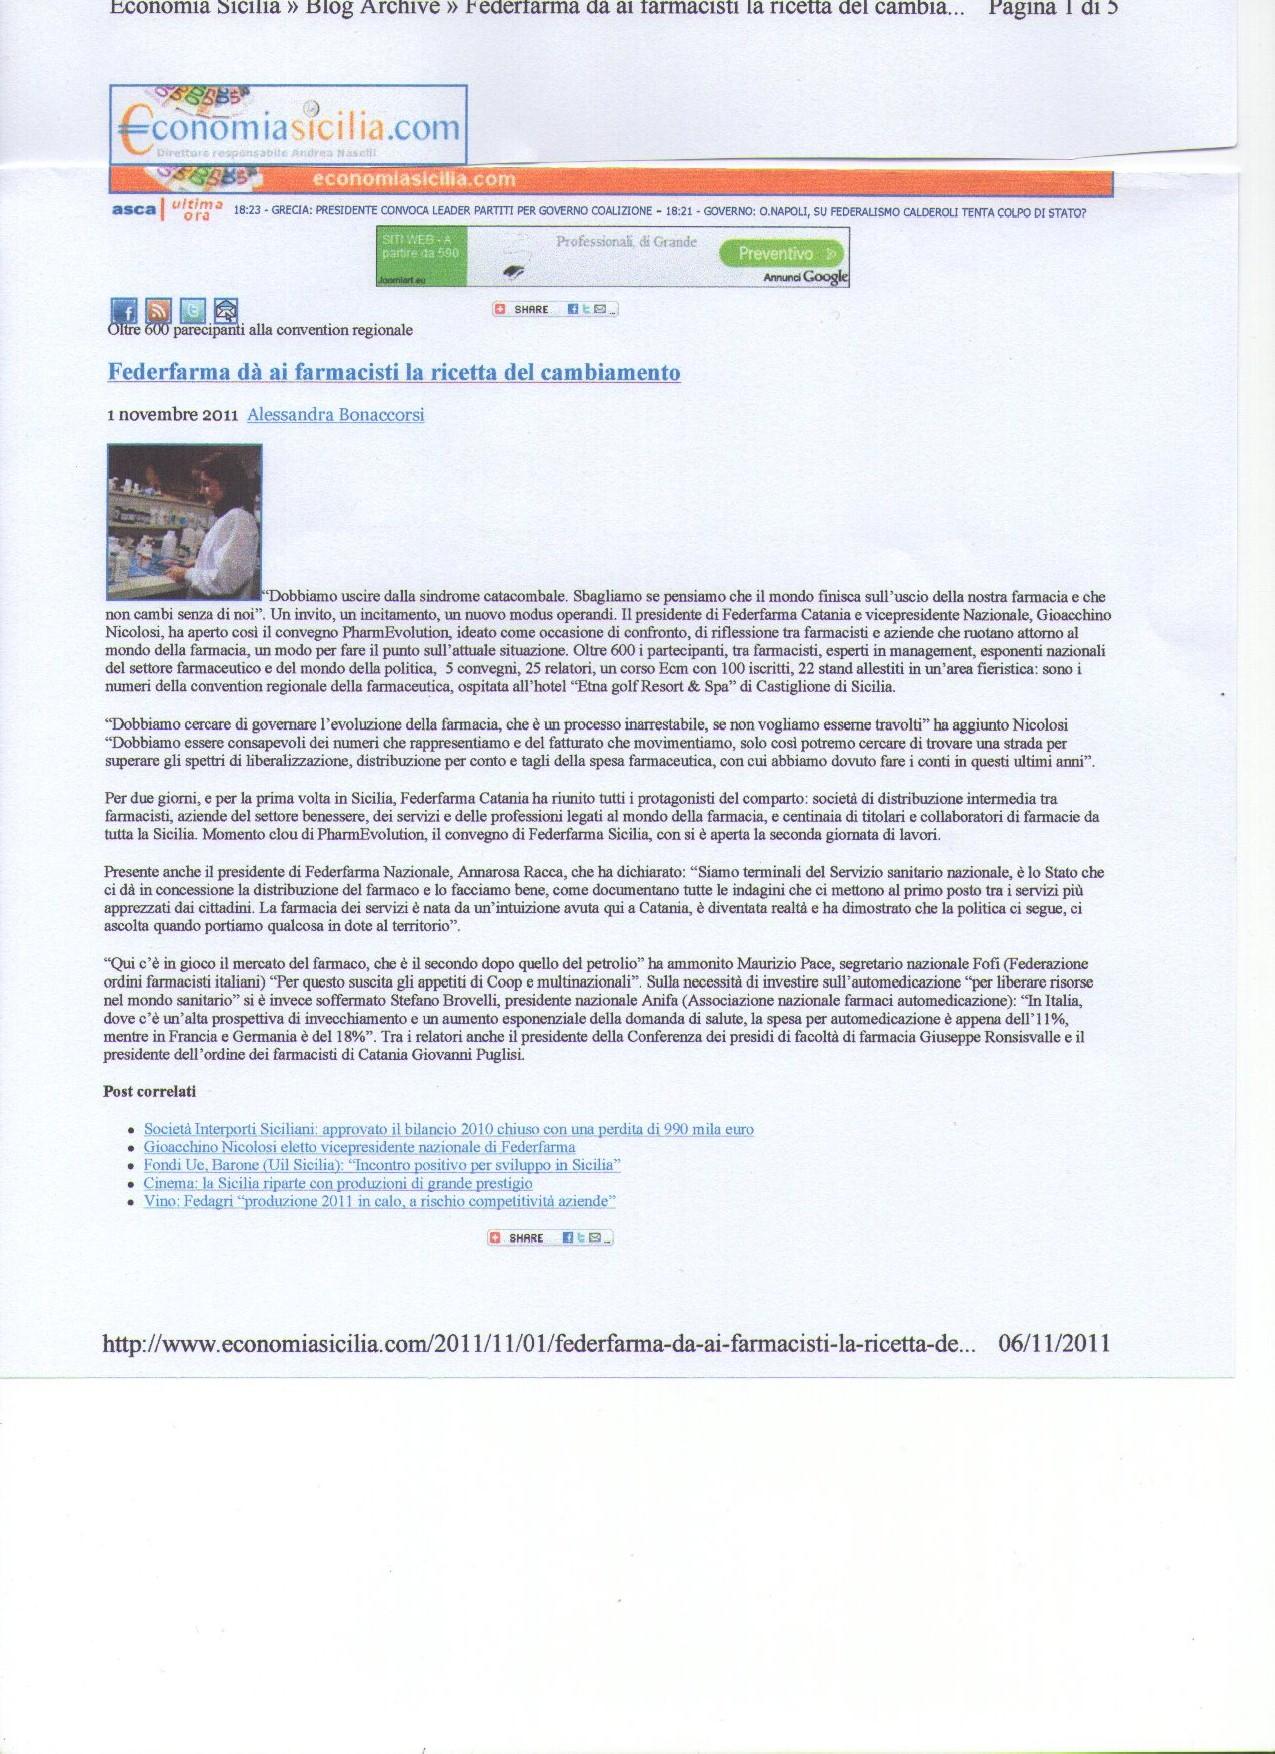 Distribuzione Farmaci Cerco Lavoro.Federfarmacatania Associazione Provinciale Dei Titolari Di